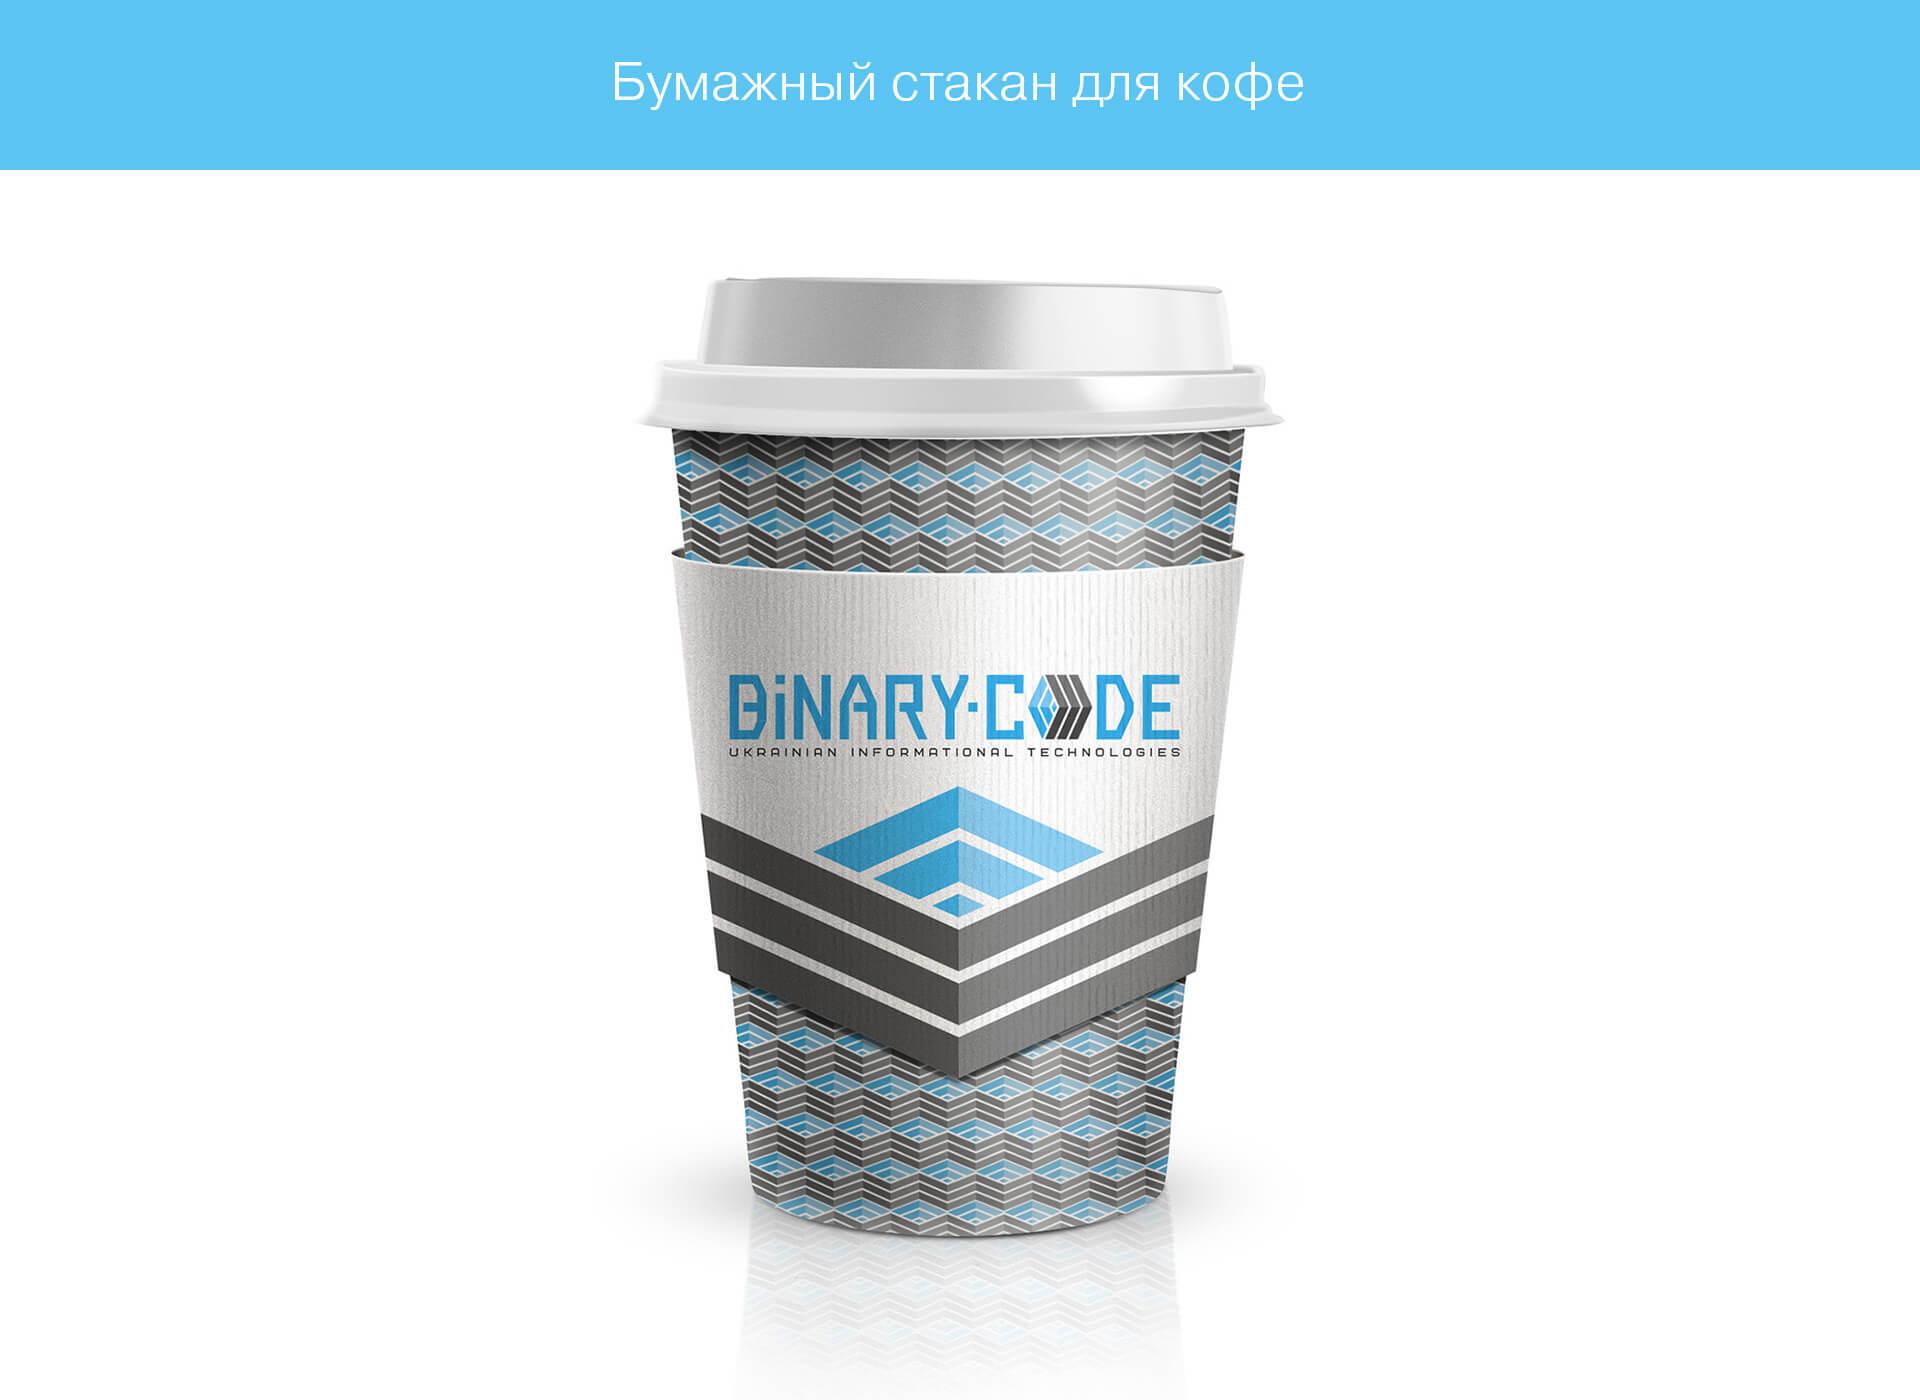 Разработка и создание дизайна бумажного стаканчика для кофе (брендинг) от Fantastic Imago брендиногове рекламное агентство